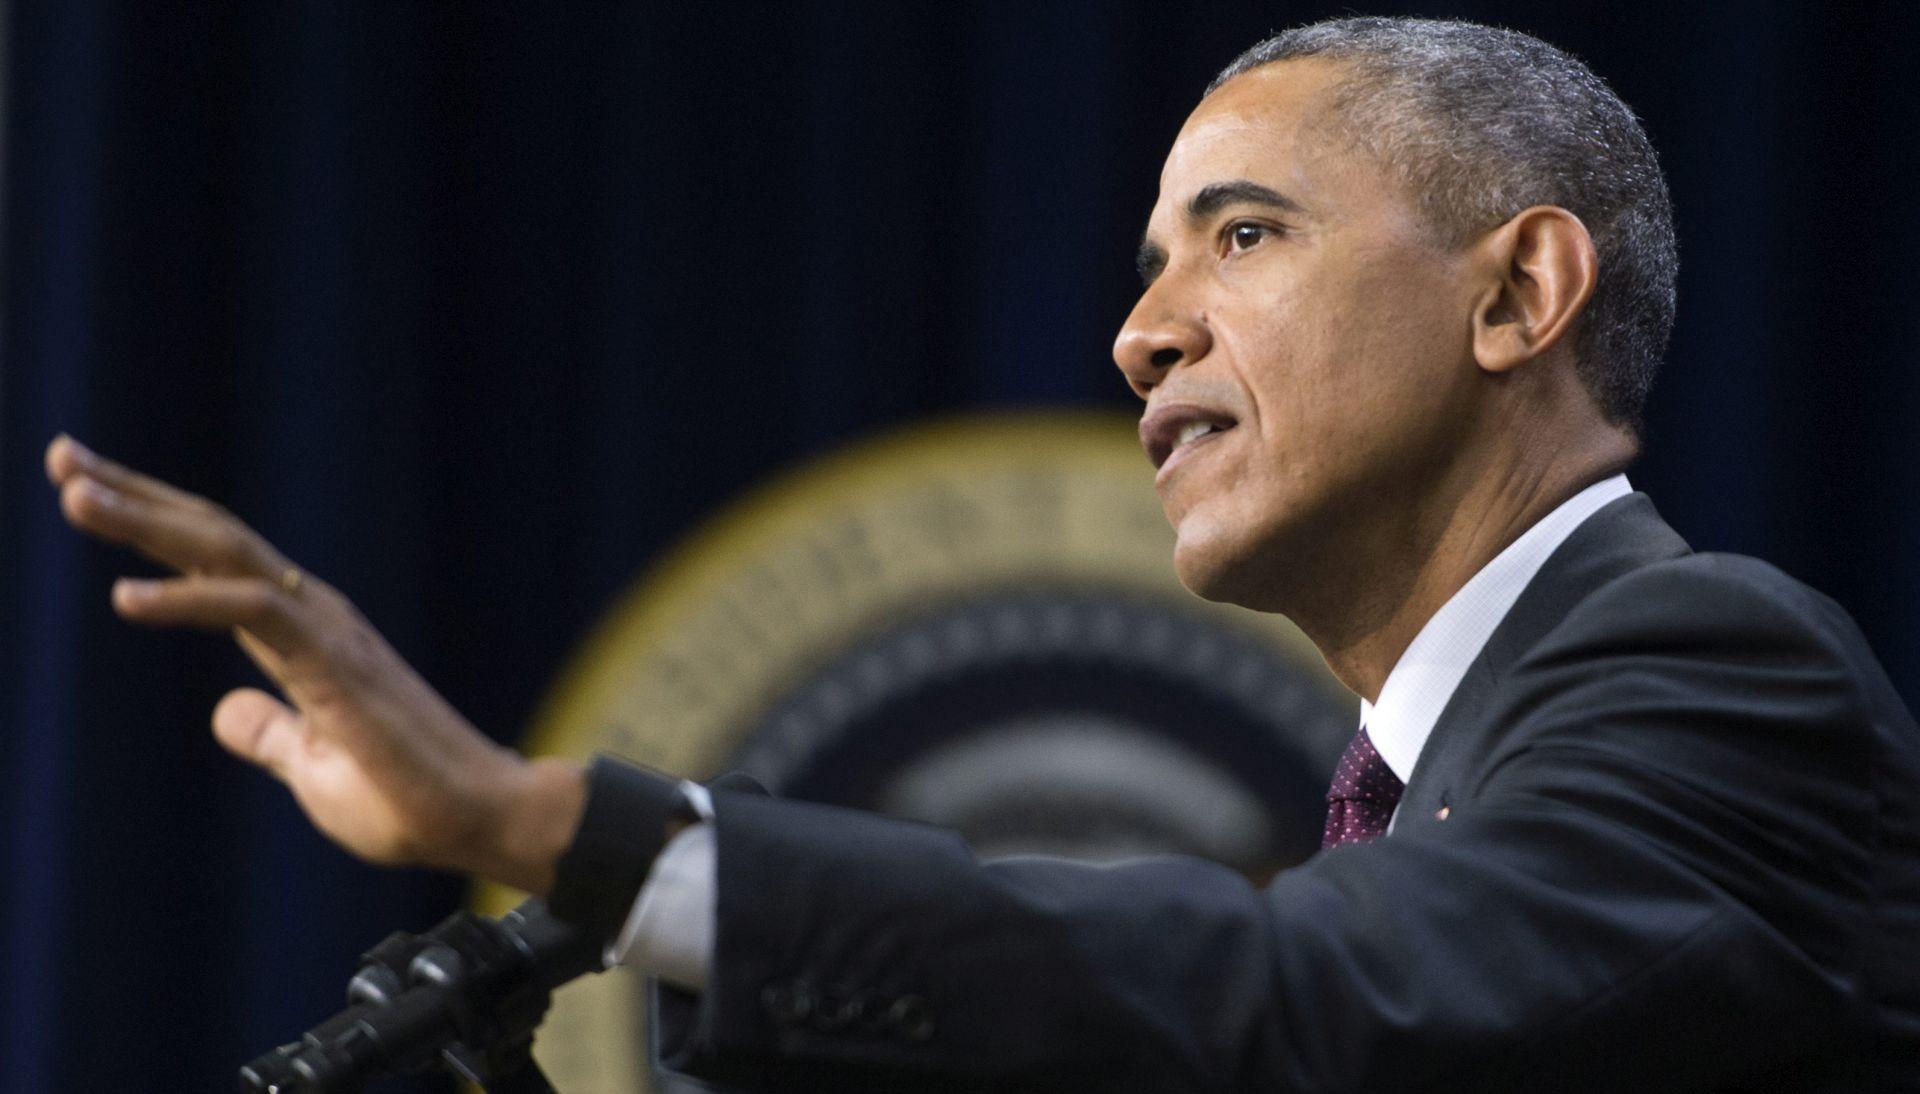 BIJELA KUĆA: SAD će poduzeti akciju protiv Islamske države u Libiji ako bude potrebno